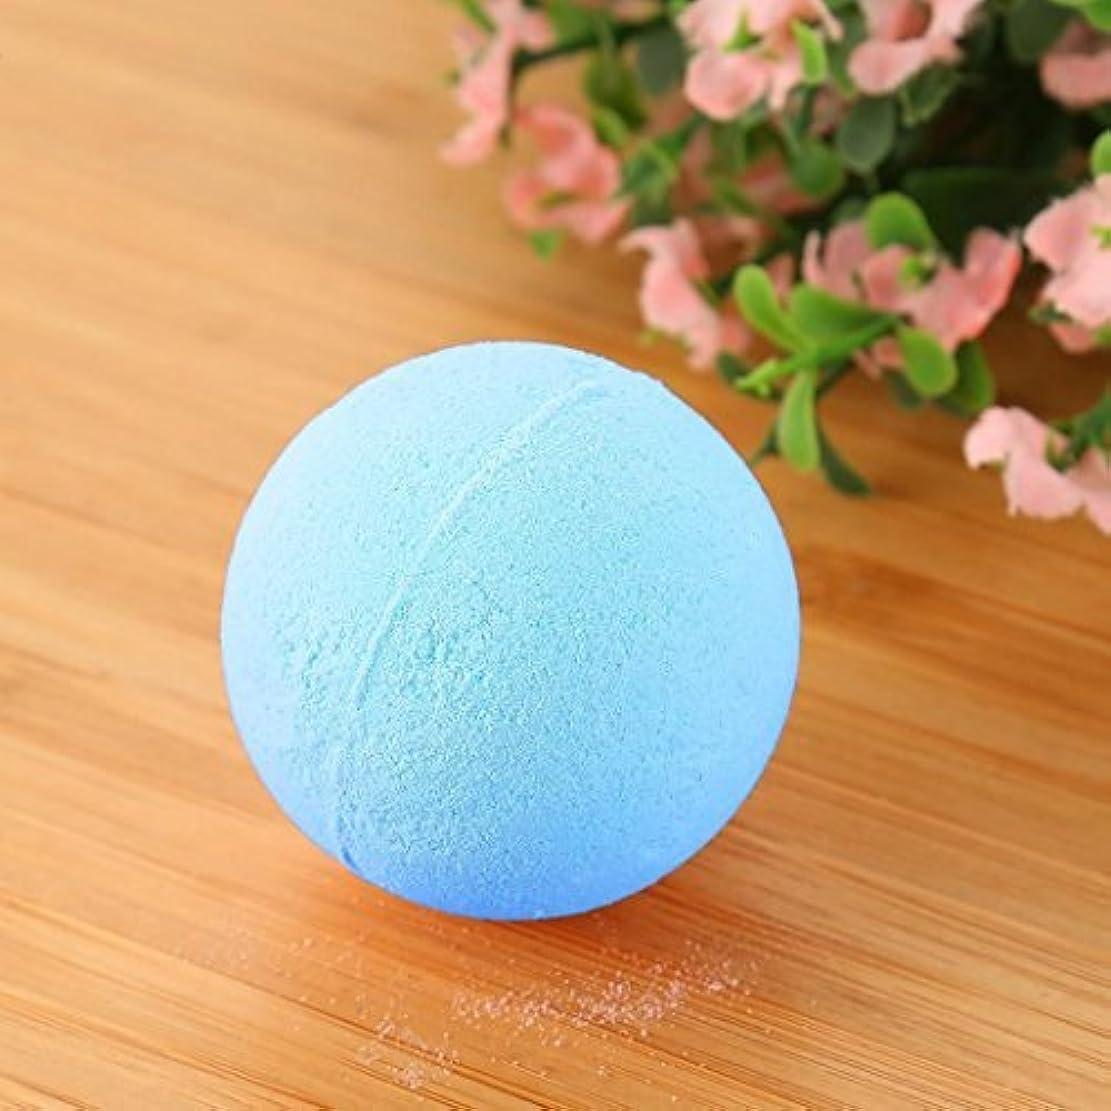 気質適応誘う女性のためのバブルソルトバスボールソルトリラックスギフト